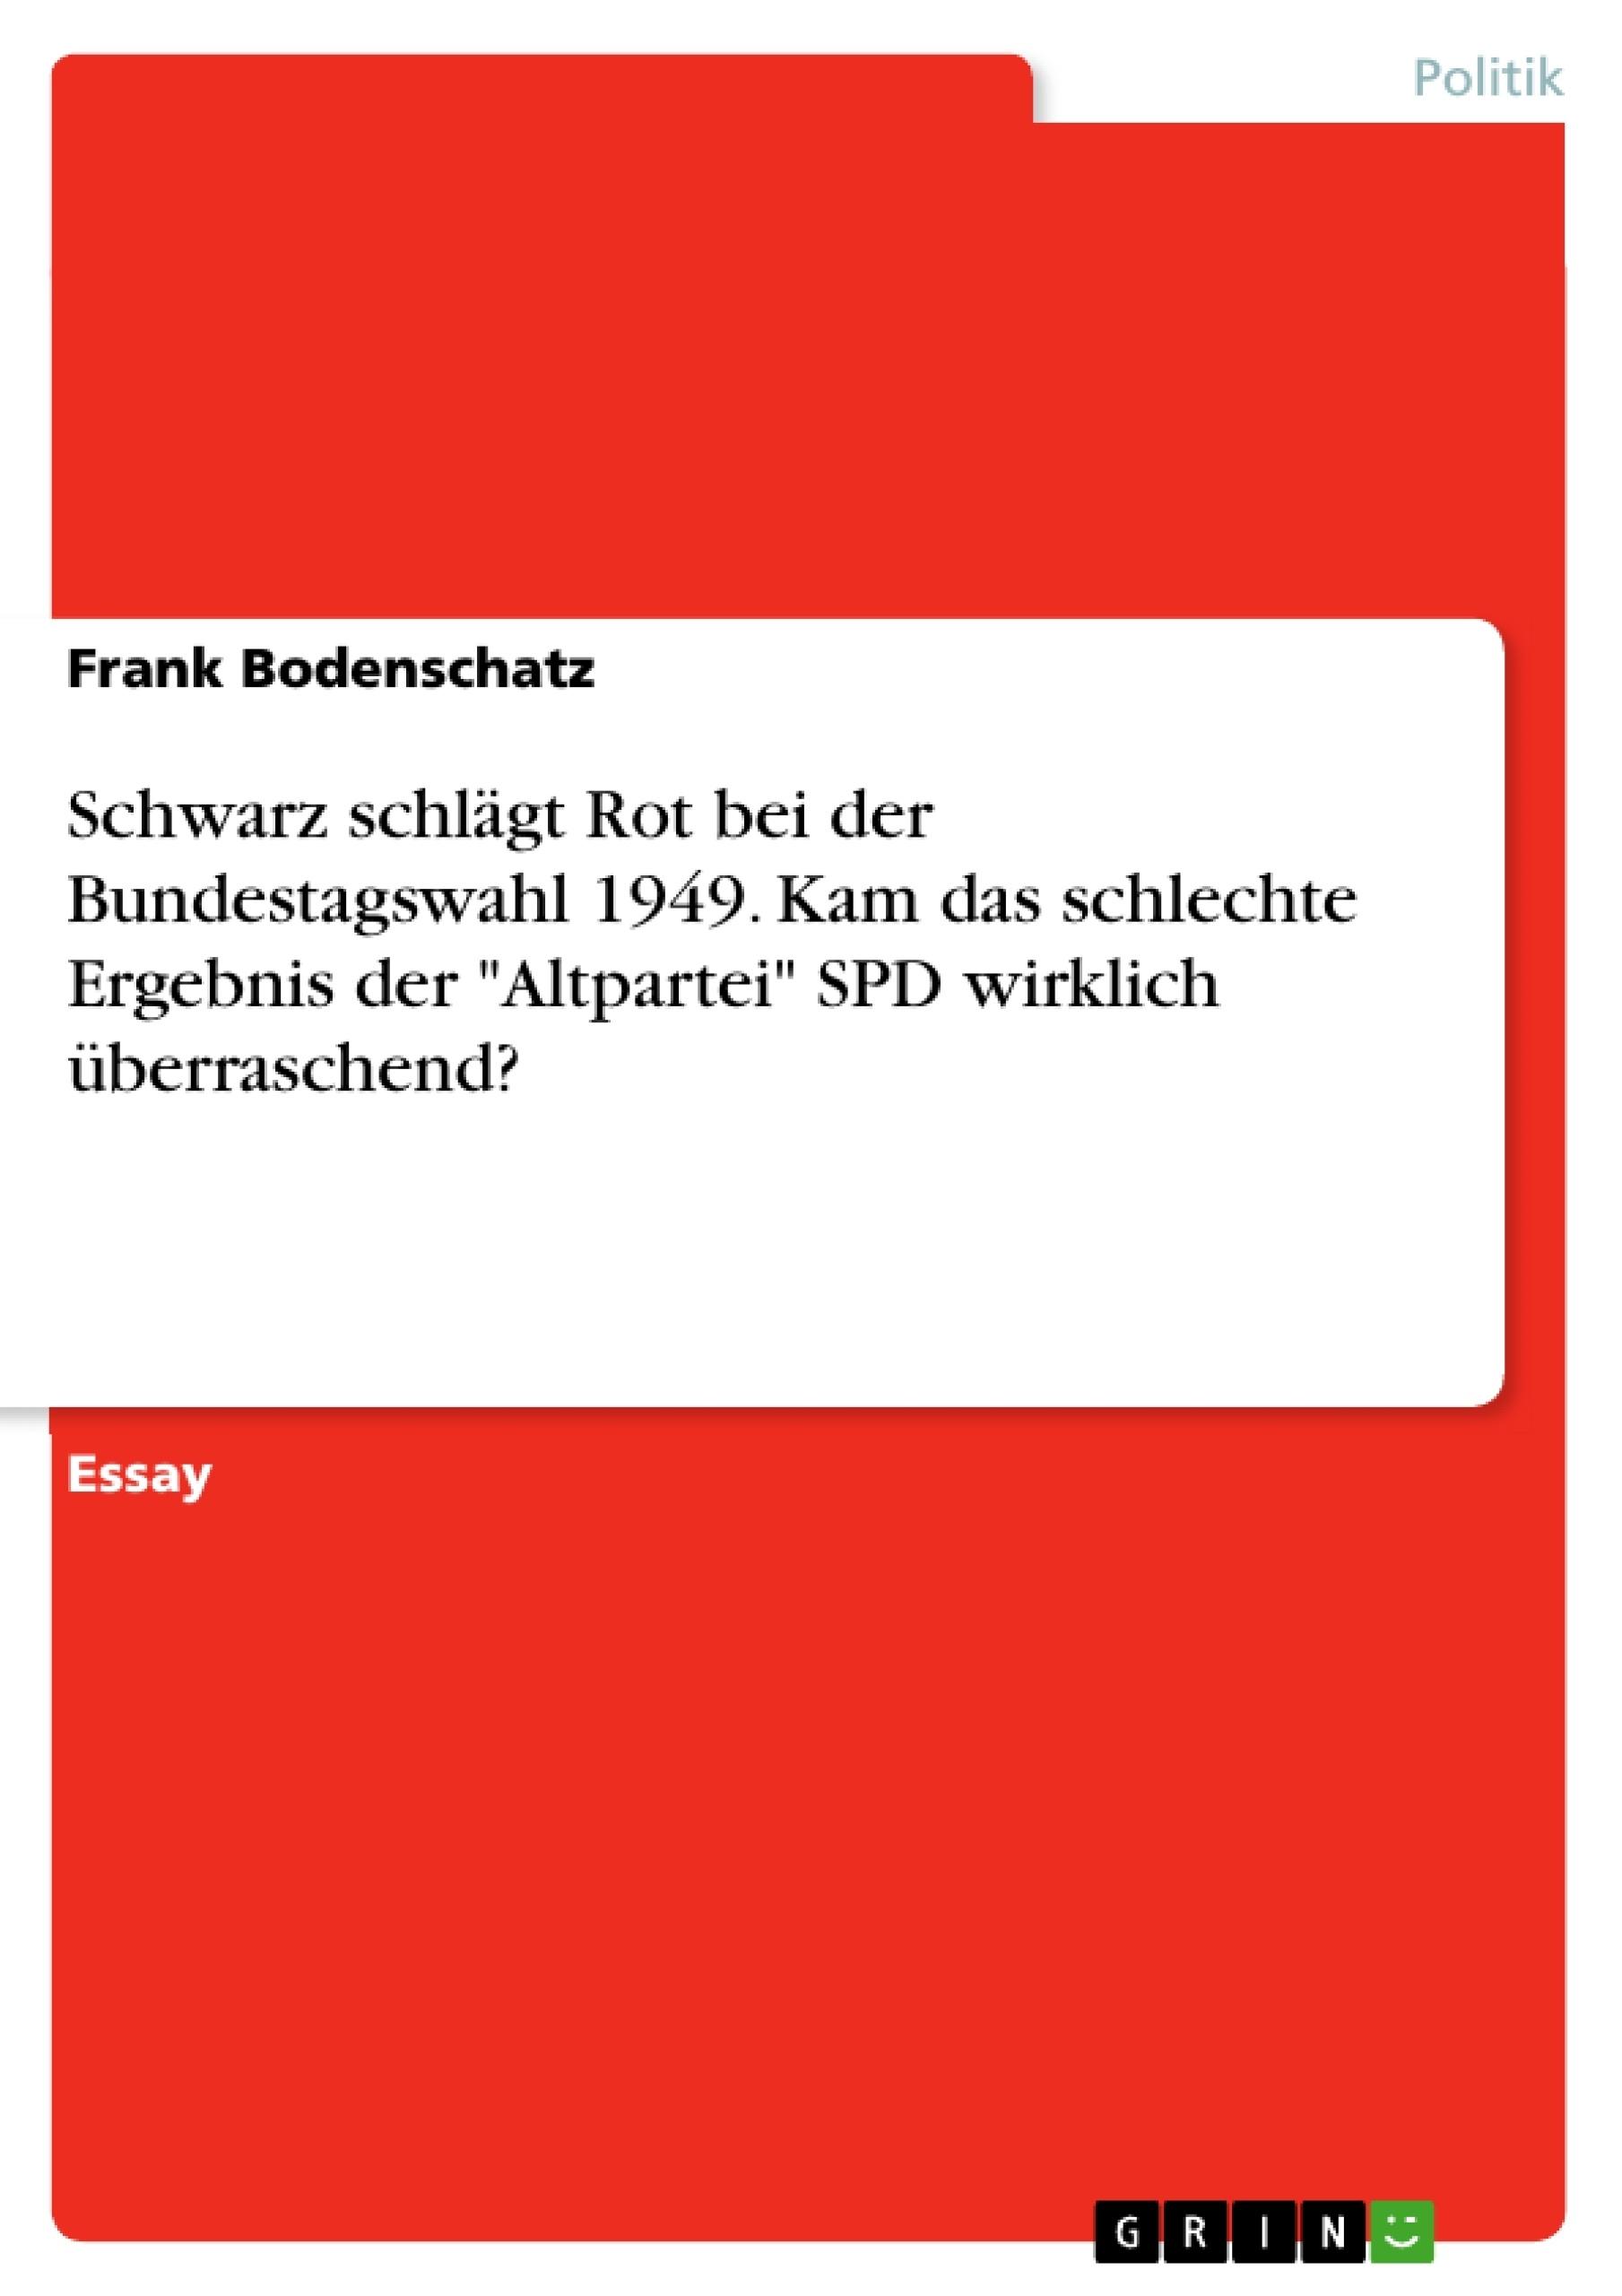 """Titel: Schwarz schlägt Rot bei der Bundestagswahl 1949. Kam das schlechte Ergebnis der """"Altpartei"""" SPD wirklich überraschend?"""